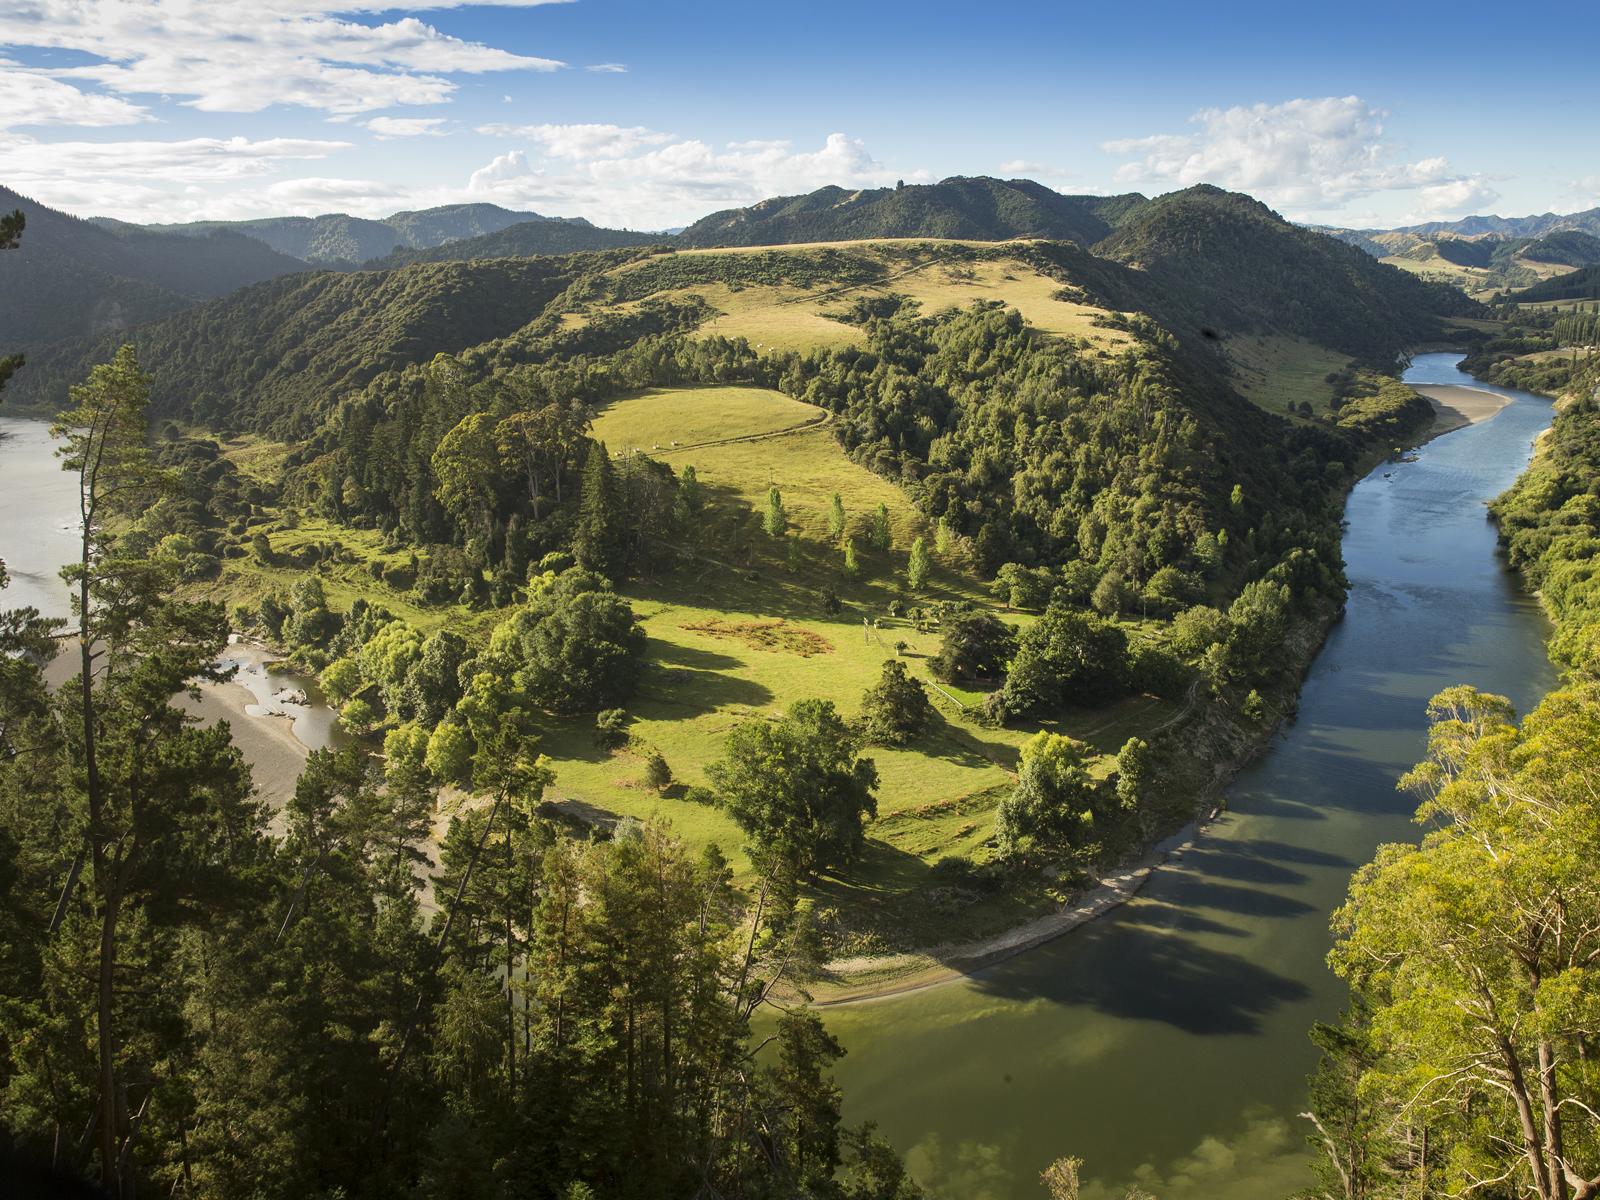 """Protection de l'environnement : Le fleuve Whanganui est désormais une """"entité vivante"""""""